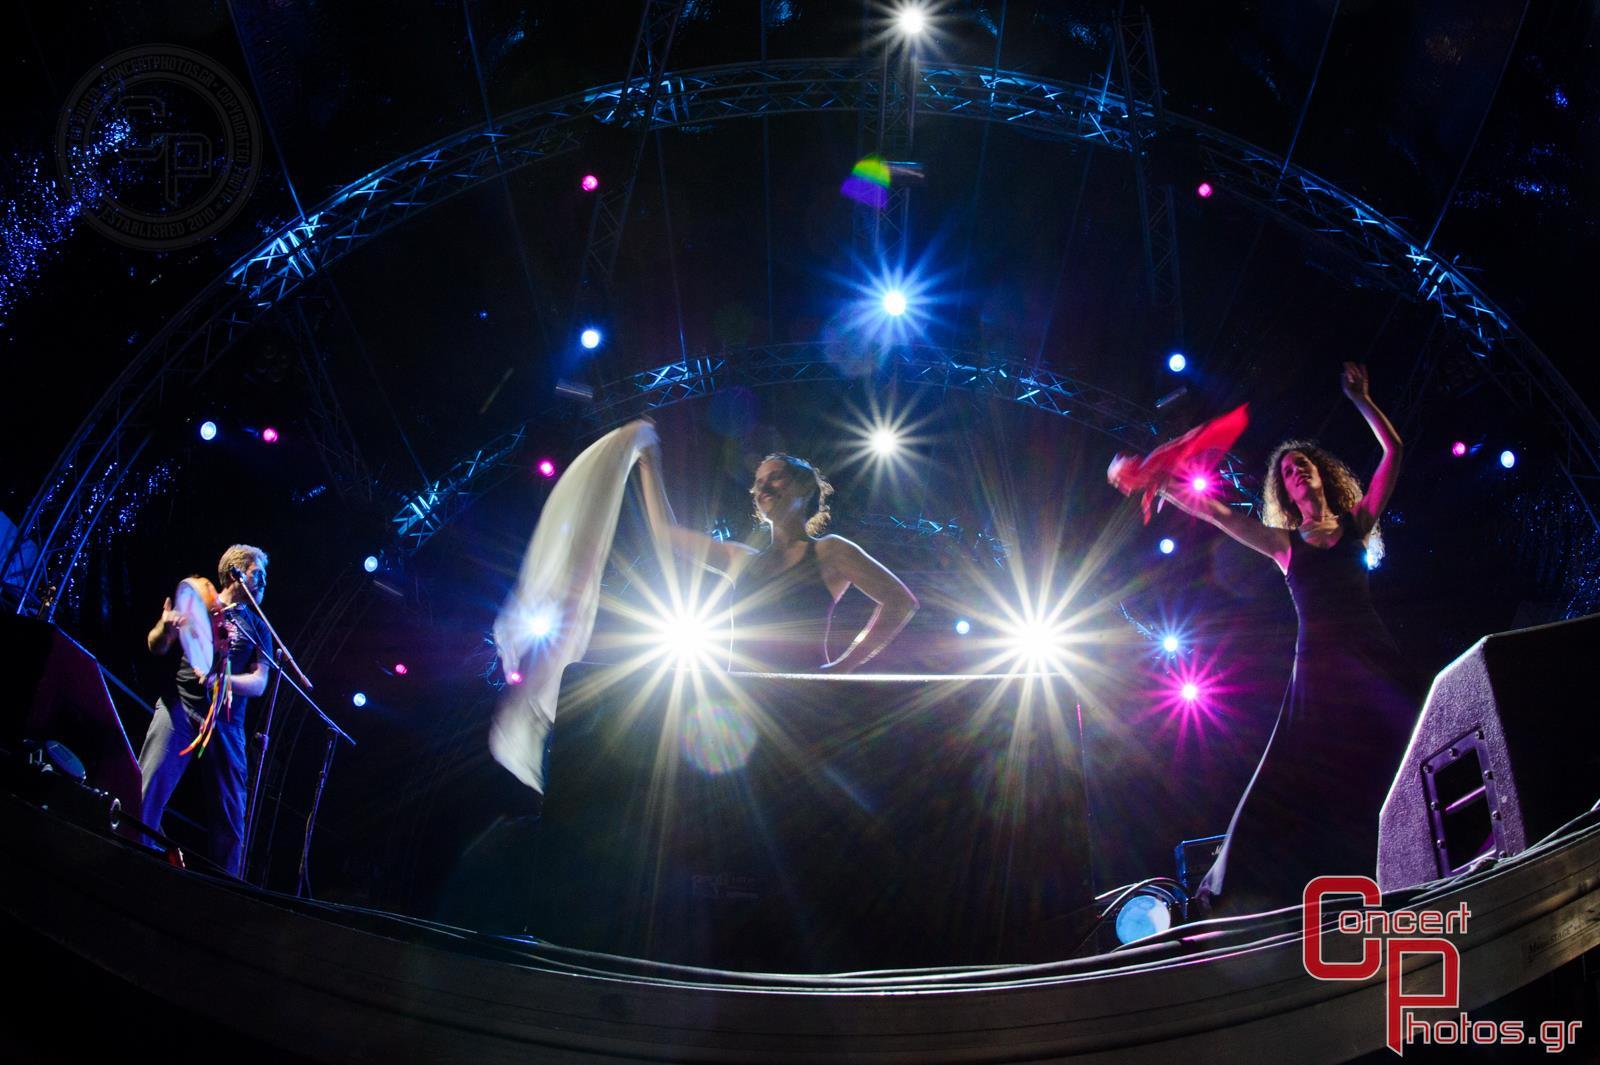 Μία συναυλία για τη Σχεδία 2014-Sxedia 2014 photographer:  - concertphotos_20140526_21_51_48